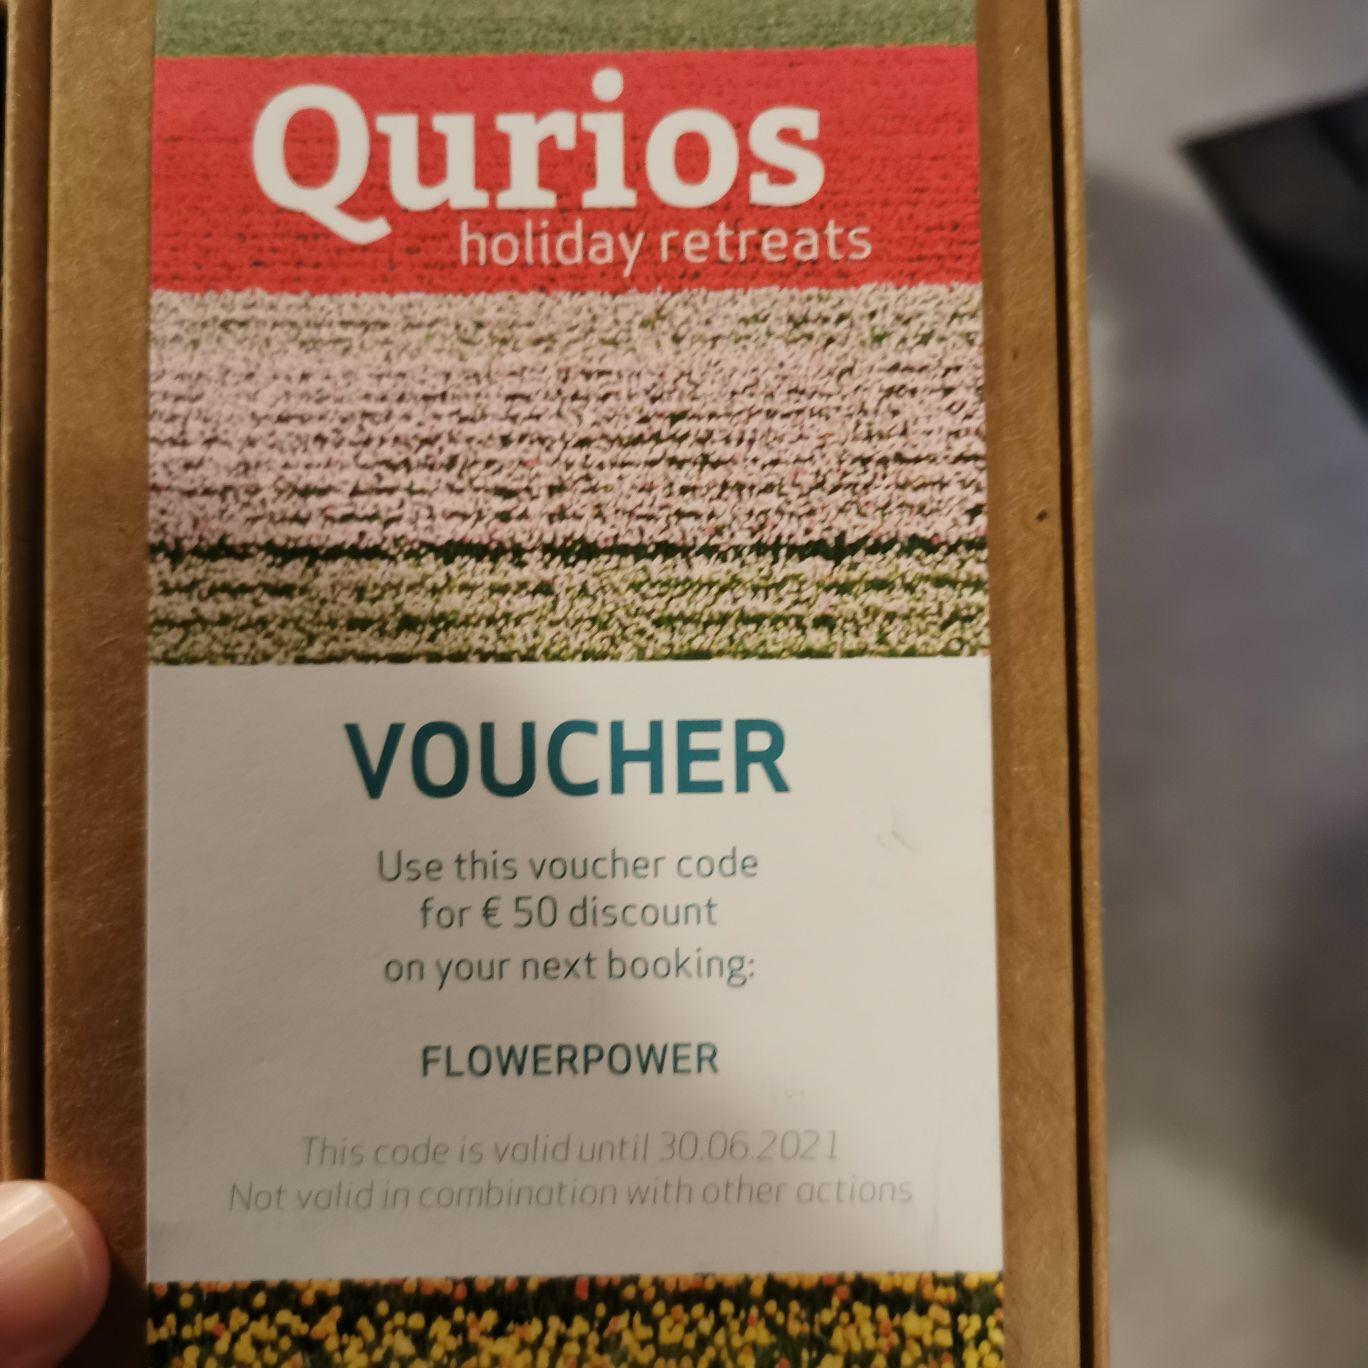 Qurios vakantieparken - €50 korting